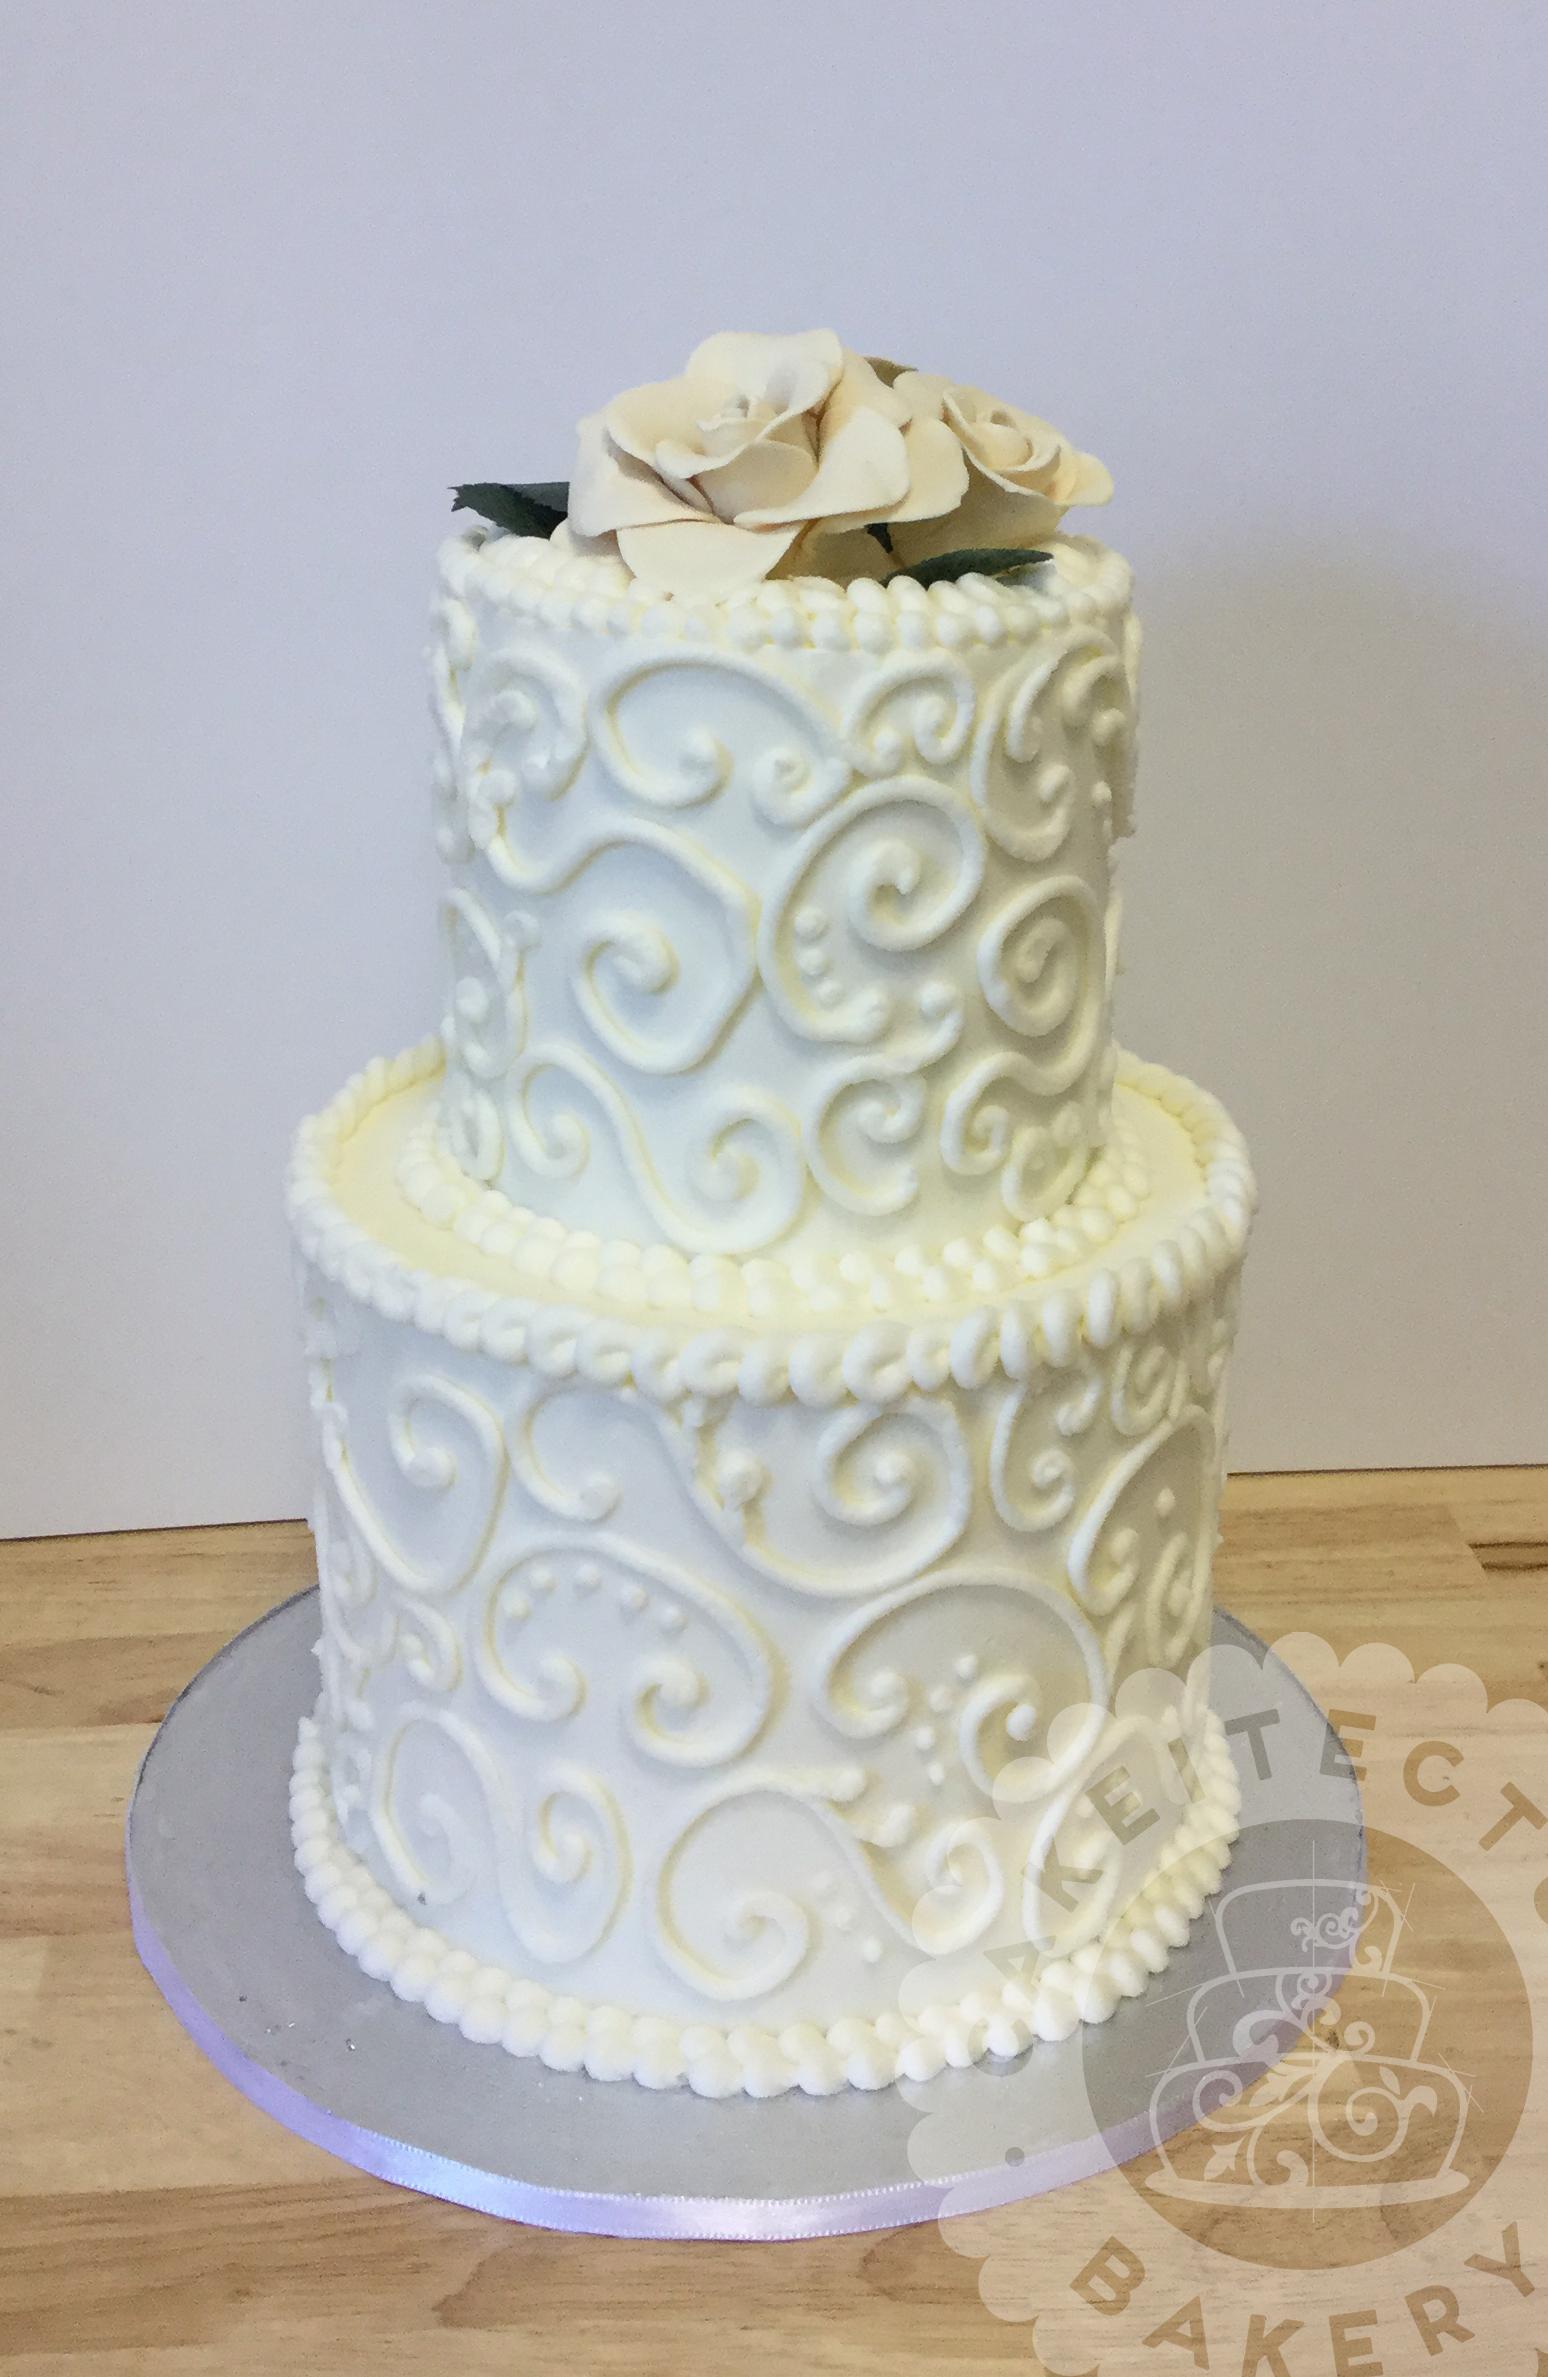 Cakeitecture Bakery 1734 swirly cake.jpg